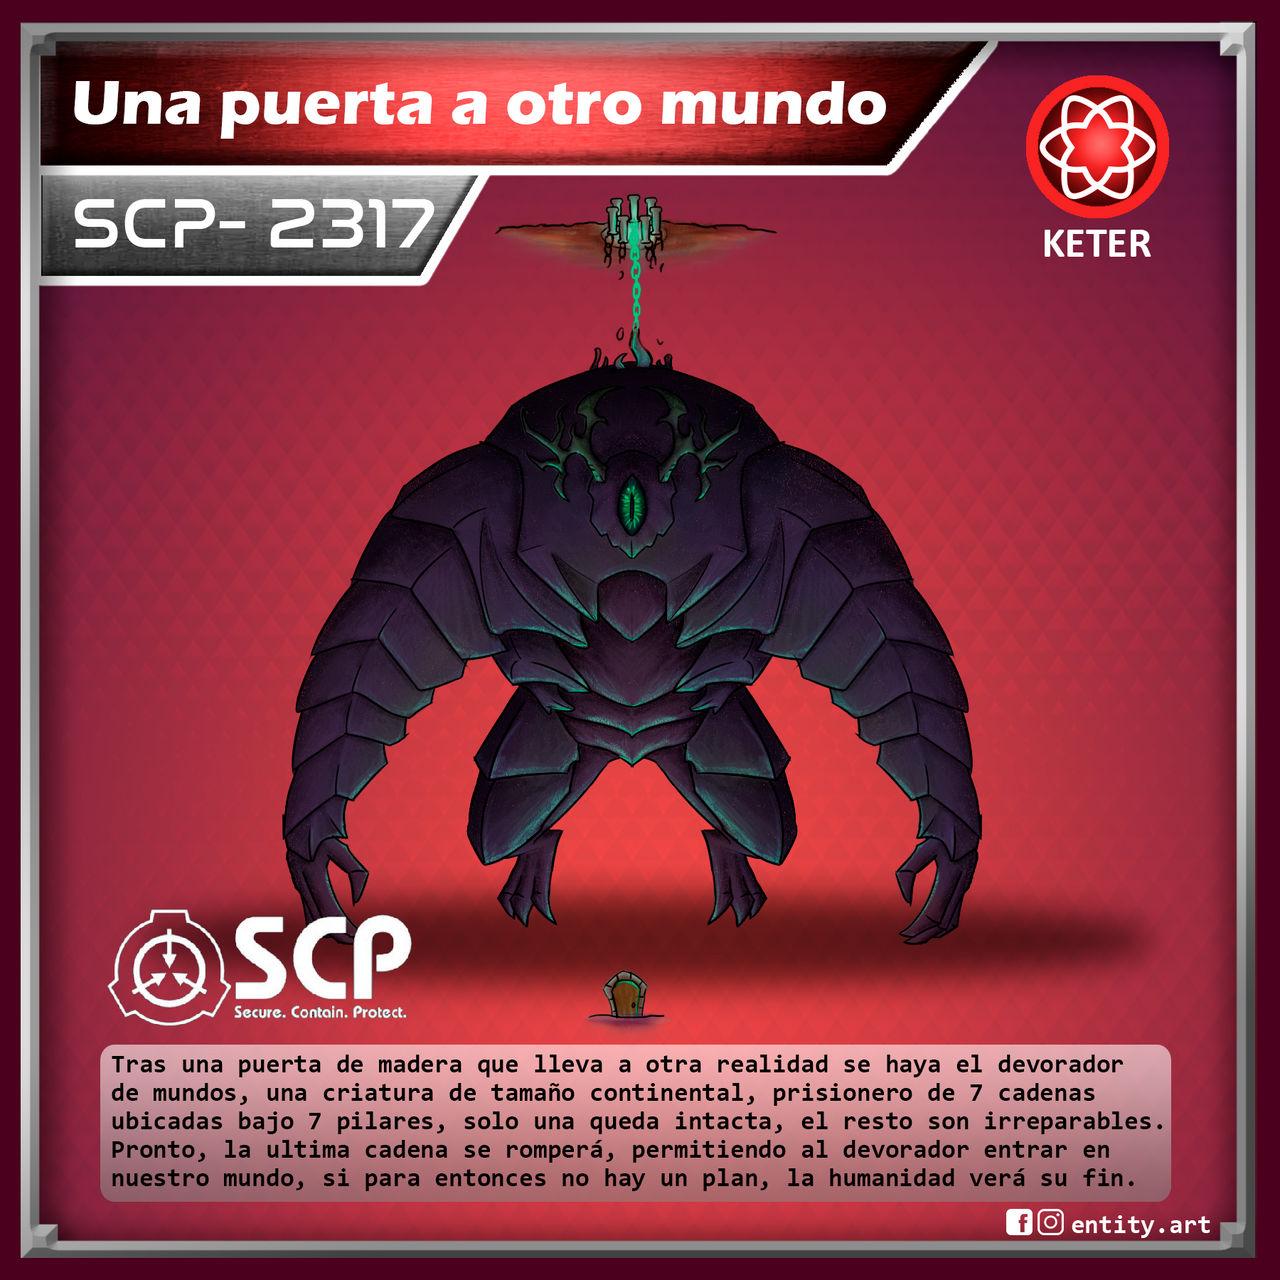 scp_2317_k_by_vinevin_de88o7w-fullview.jpg?token=eyJ0eXAiOiJKV1QiLCJhbGciOiJIUzI1NiJ9.eyJzdWIiOiJ1cm46YXBwOiIsImlzcyI6InVybjphcHA6Iiwib2JqIjpbW3siaGVpZ2h0IjoiPD0xMjgwIiwicGF0aCI6IlwvZlwvNDhmZWZhNTMtZjI5MC00NTBmLWFhYjItYWIxYWE0YTE1M2ExXC9kZTg4bzd3LTYwZDU5YjFlLWE1MmEtNGY5My1iNzIwLTFkN2NhYzMxZjFmMC5wbmciLCJ3aWR0aCI6Ijw9MTI4MCJ9XV0sImF1ZCI6WyJ1cm46c2VydmljZTppbWFnZS5vcGVyYXRpb25zIl19.zDpg3W6kzO5tSBF54k8RrjDFjSyYdvMhbE2o795L3Xw